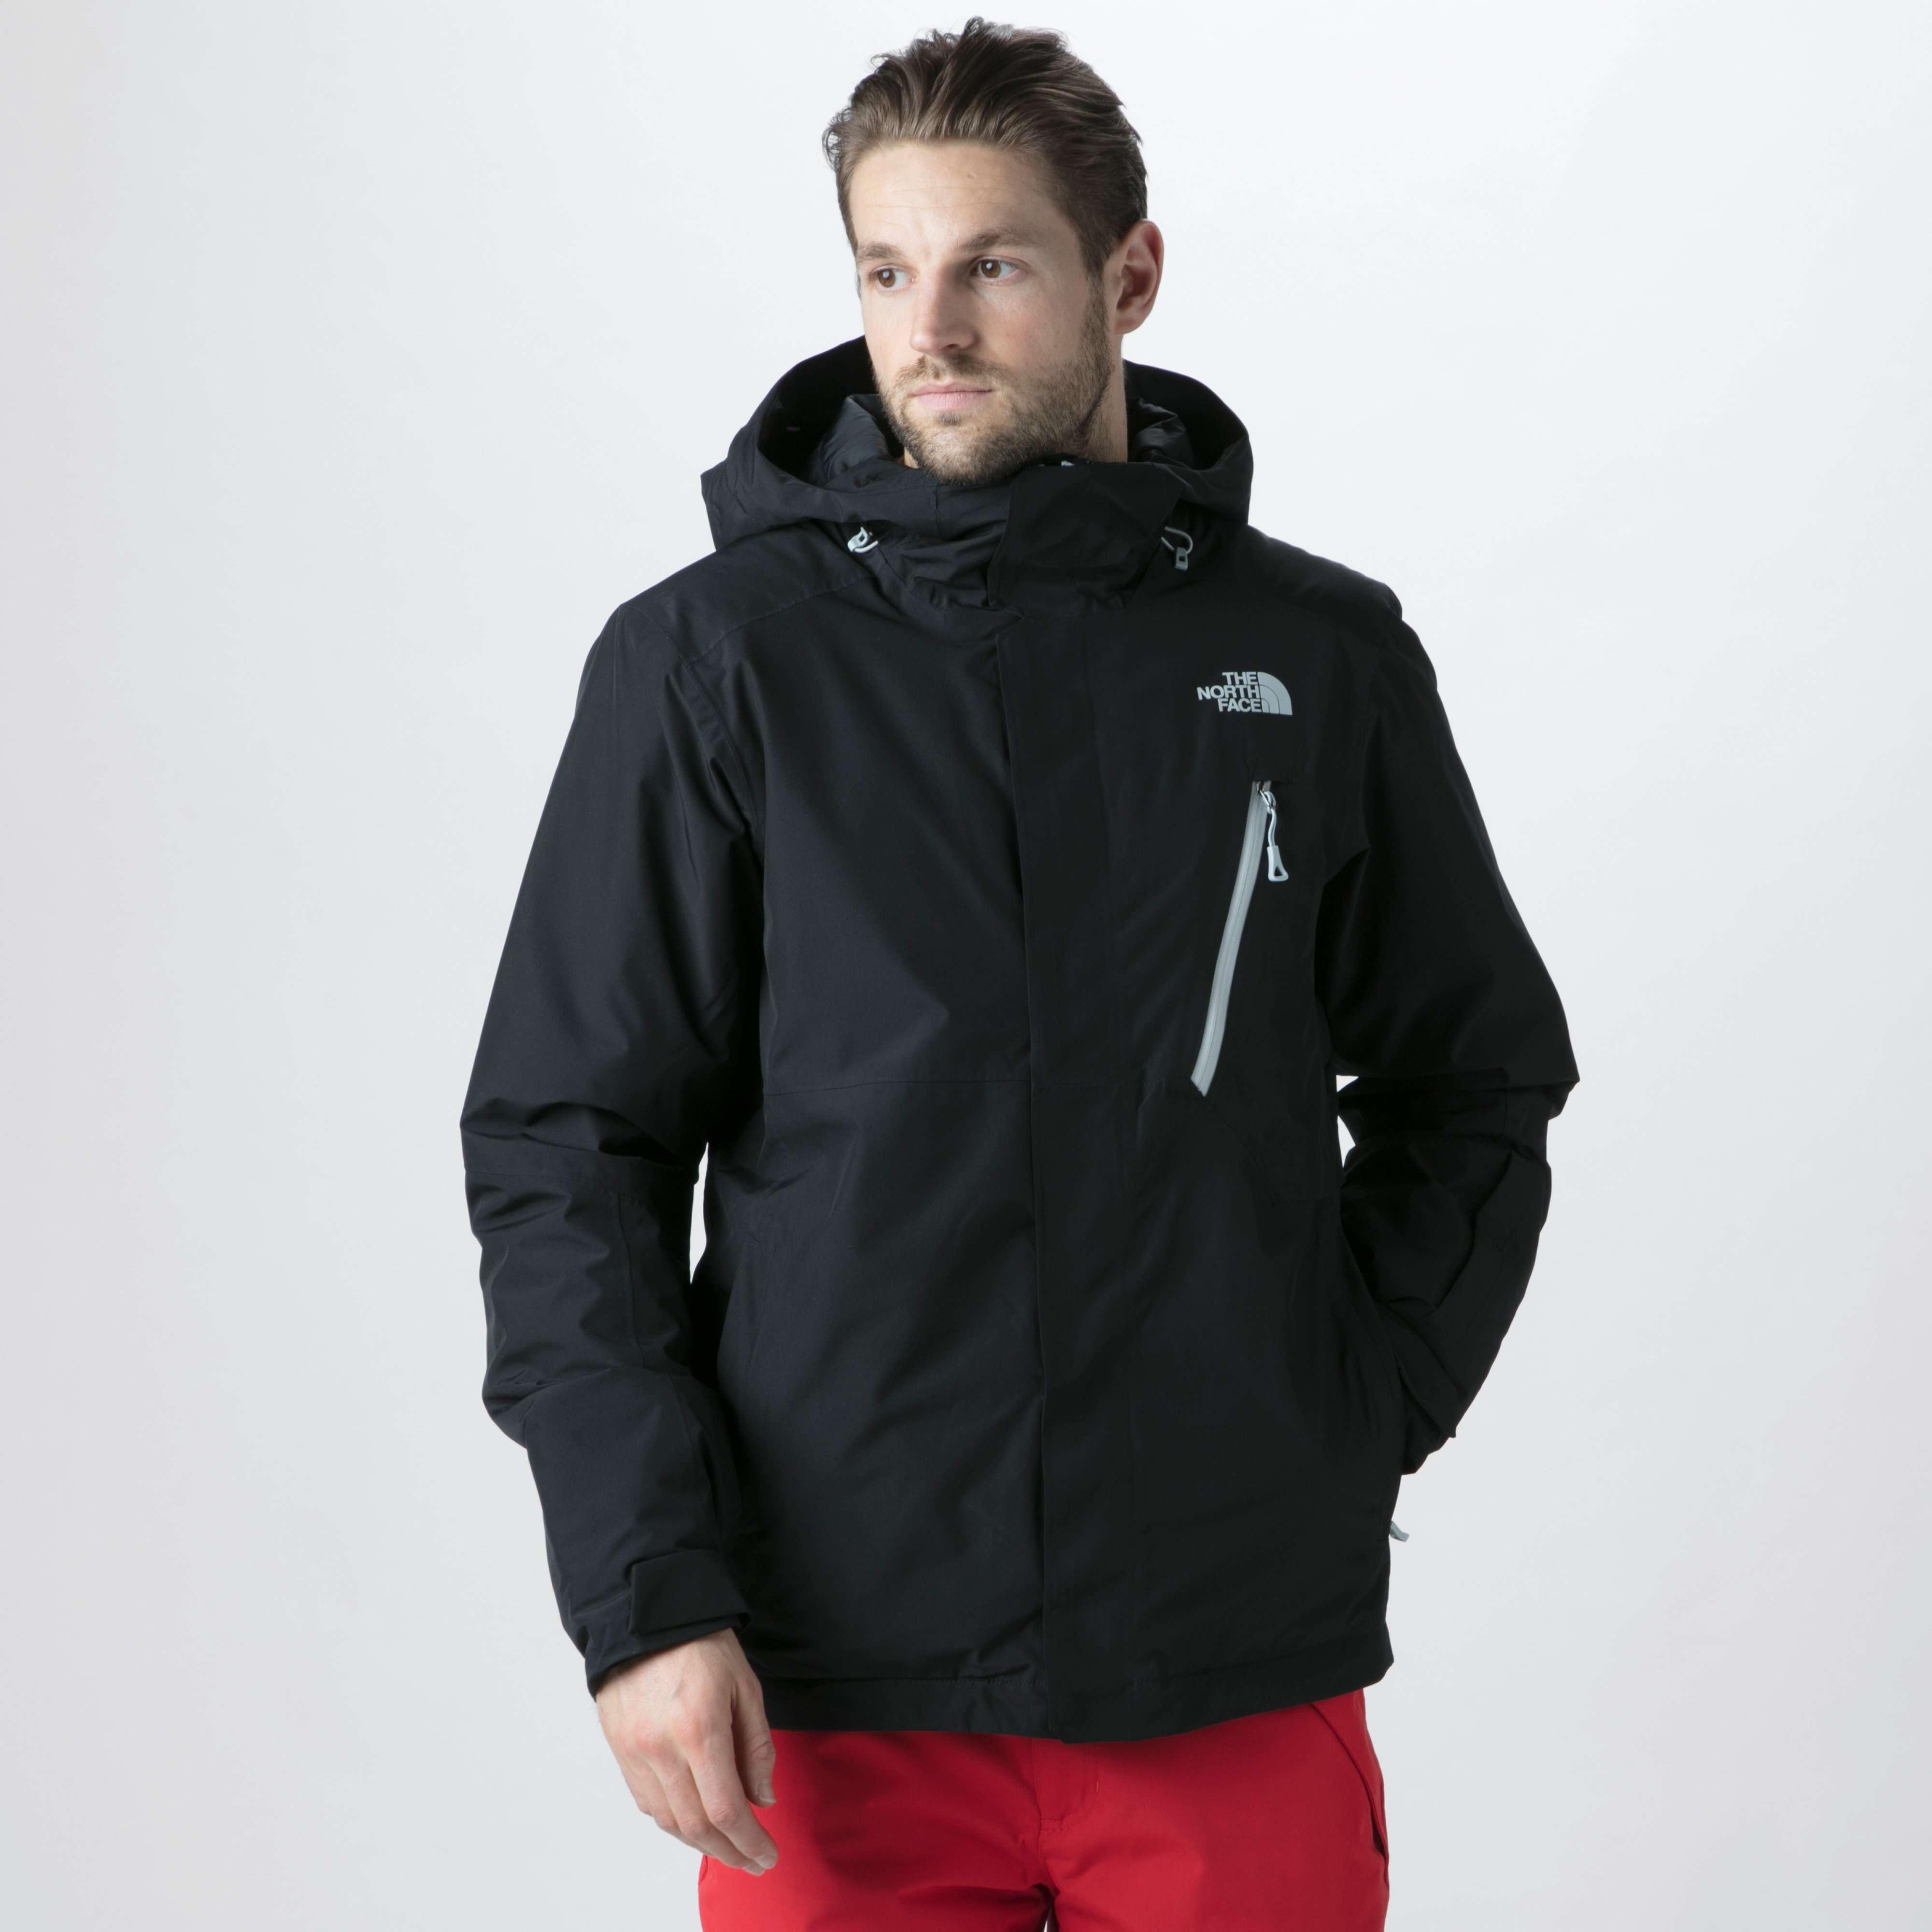 THE NORTH FACE Men's Descendit Ski Jacket